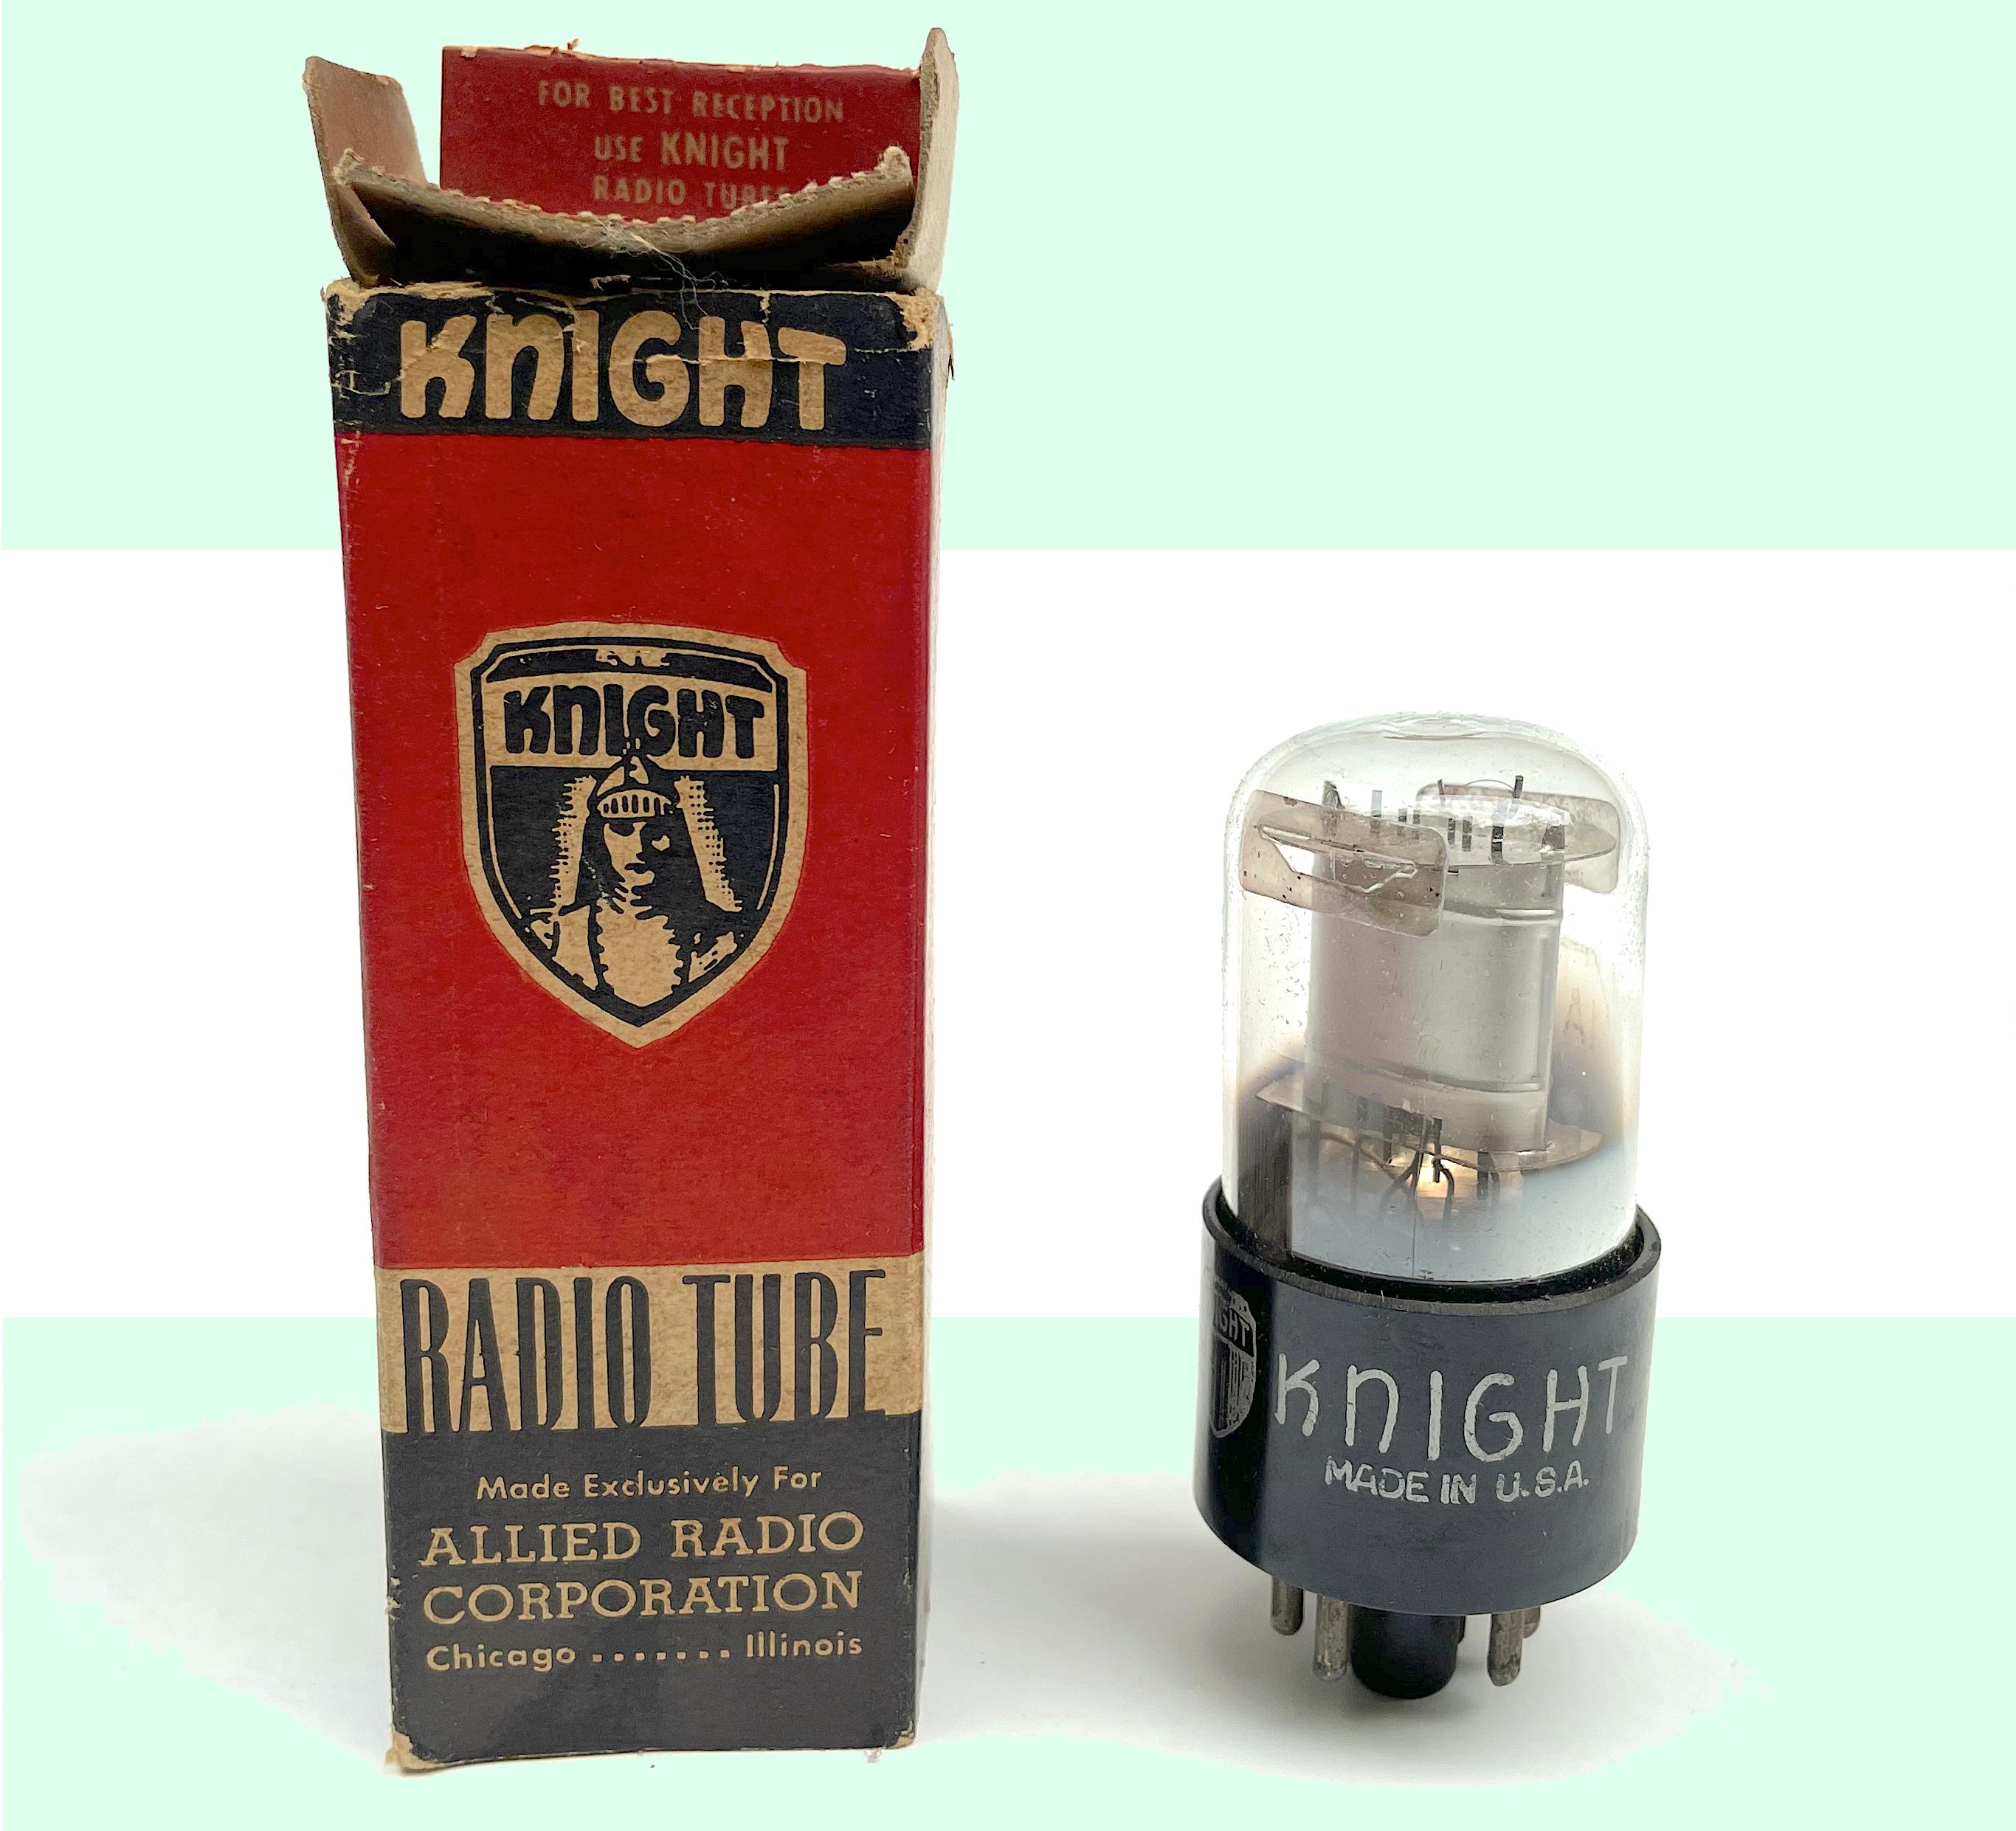 Allied Radio Knight history